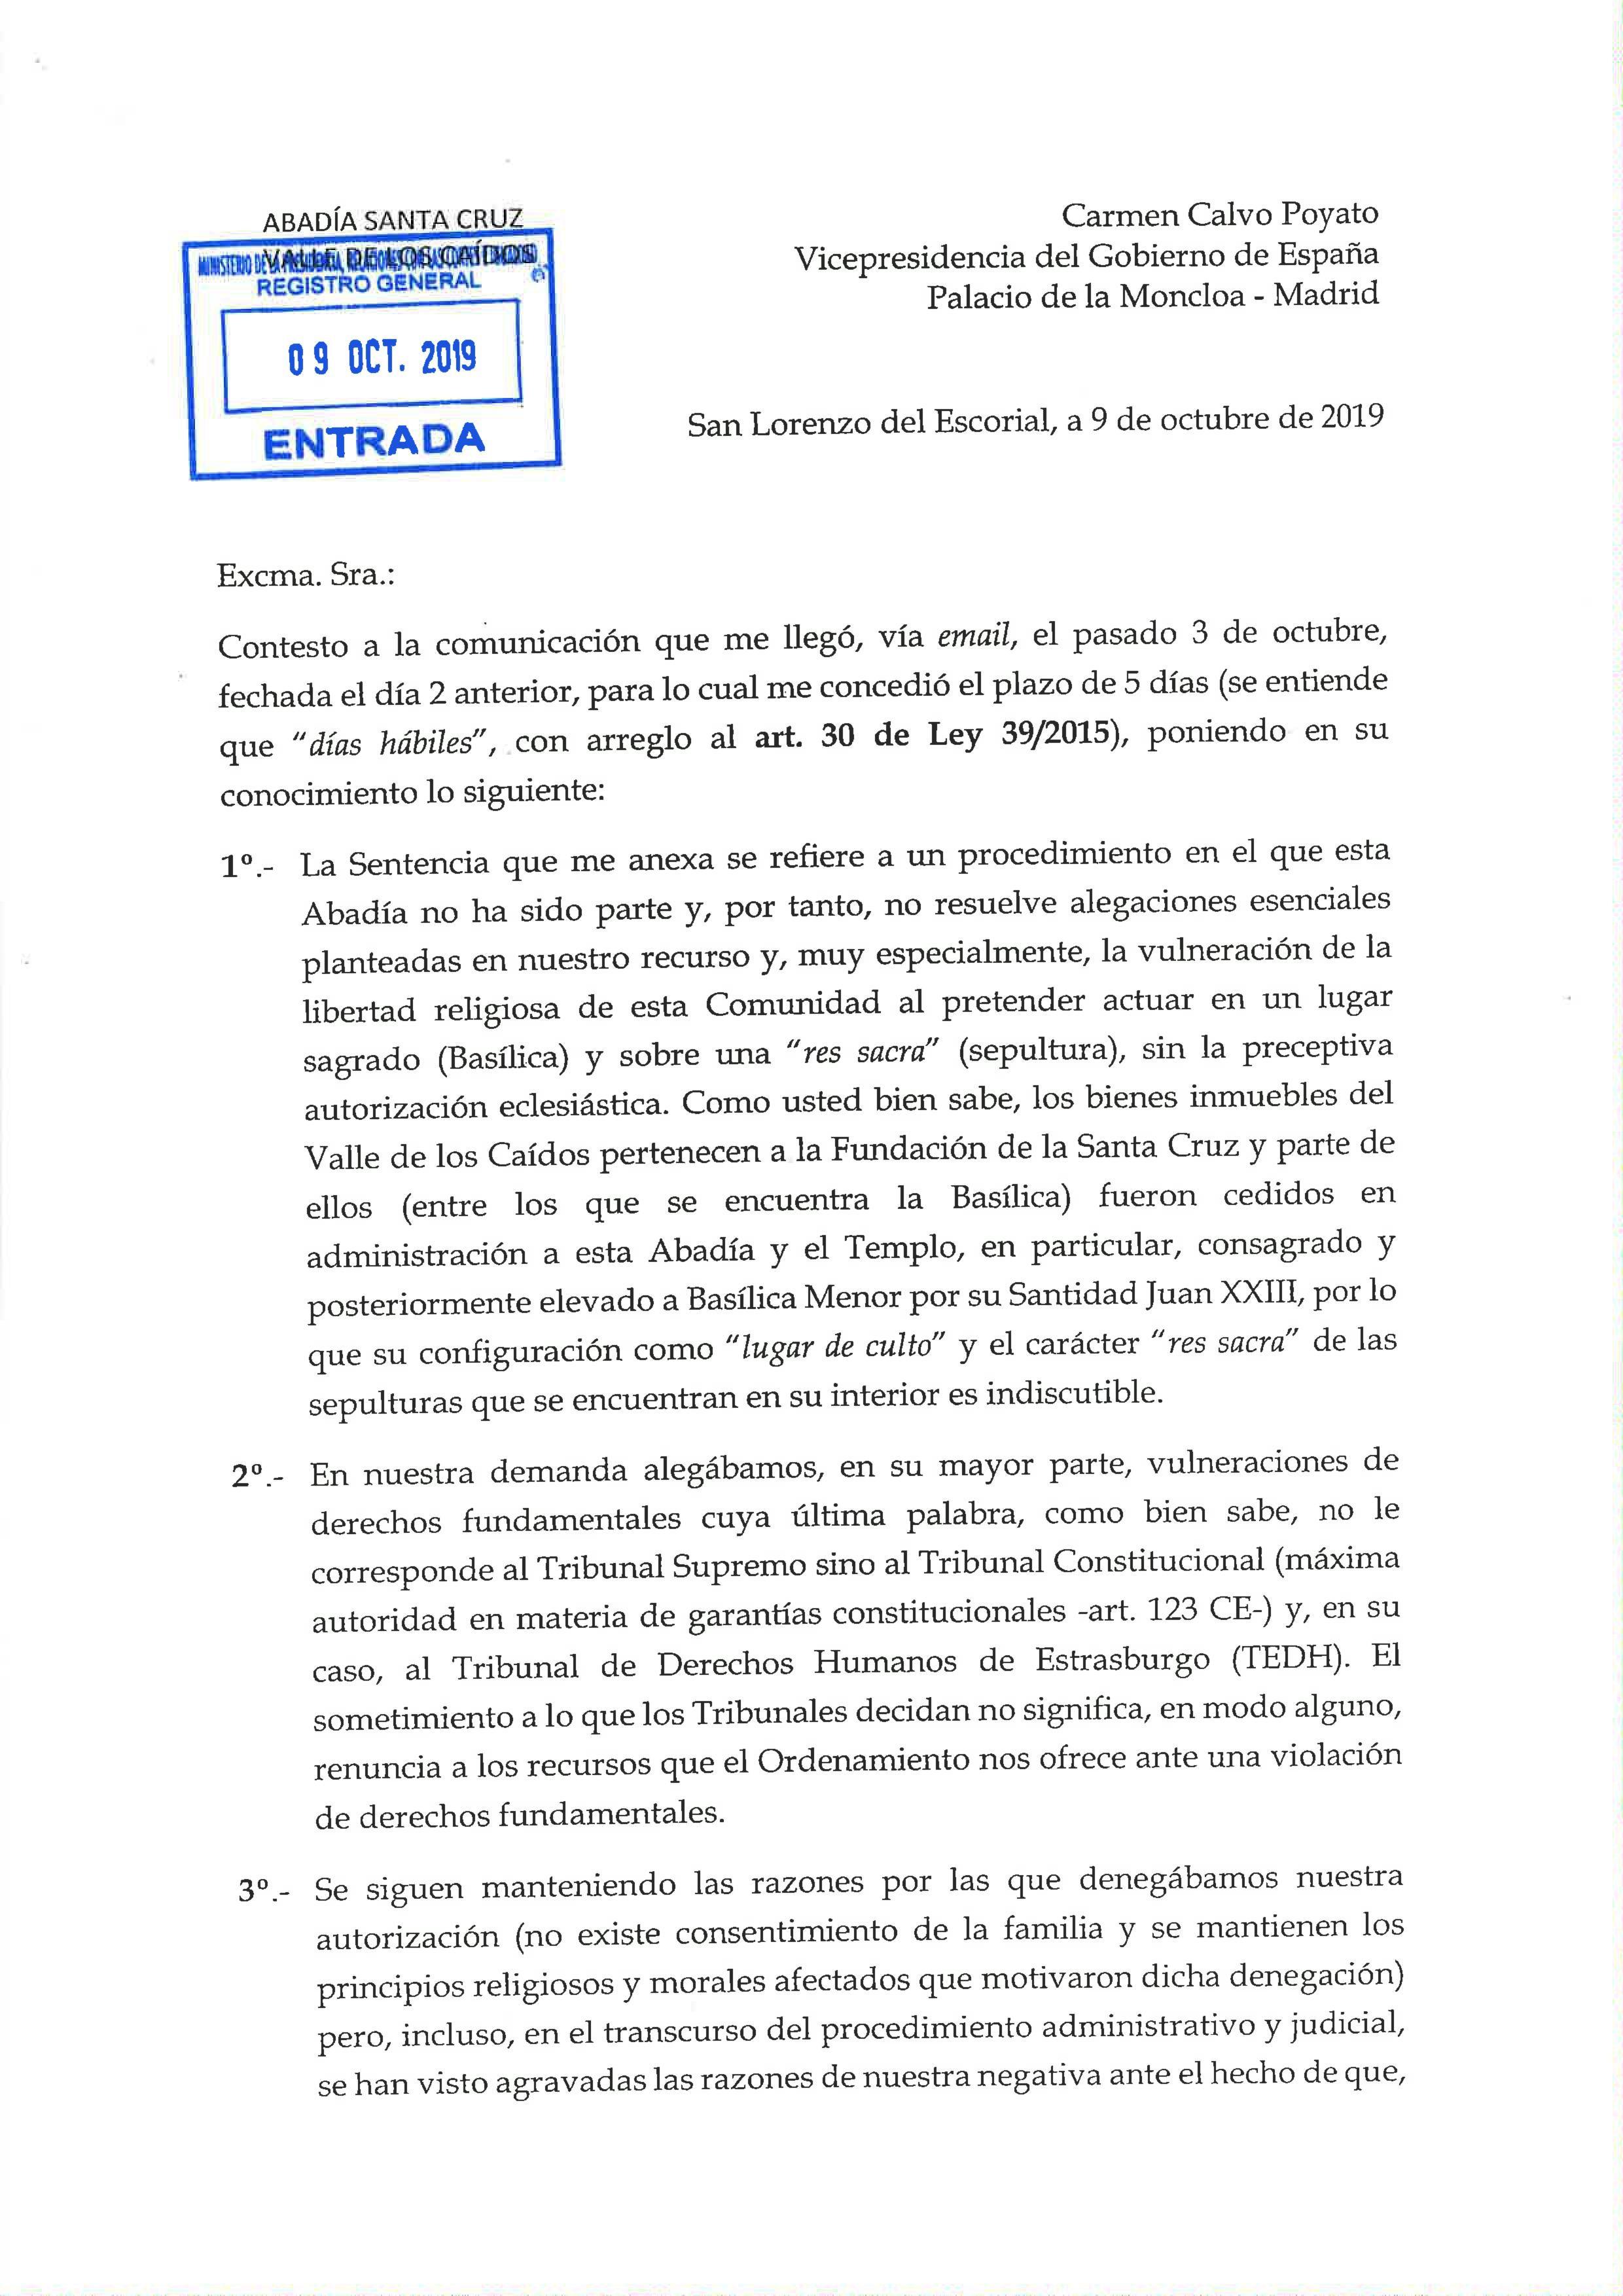 Folio 1 de la carta del prior a la vicepresidenta del Gobierno, sin ni señora doña.